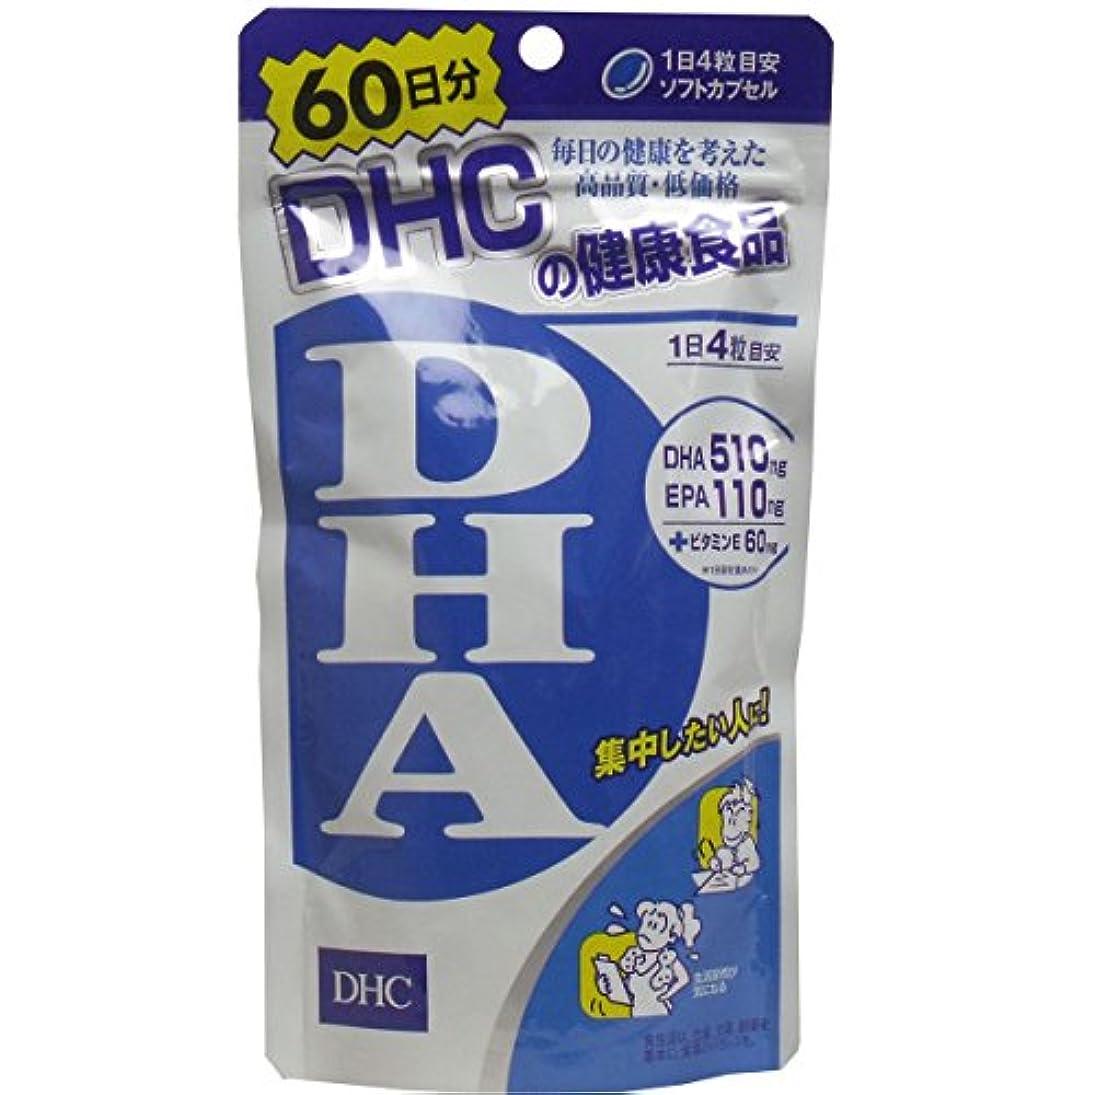 拒絶する姿勢生まれ【お徳用 10 セット】 DHC DHA 60日分 240粒×10セット